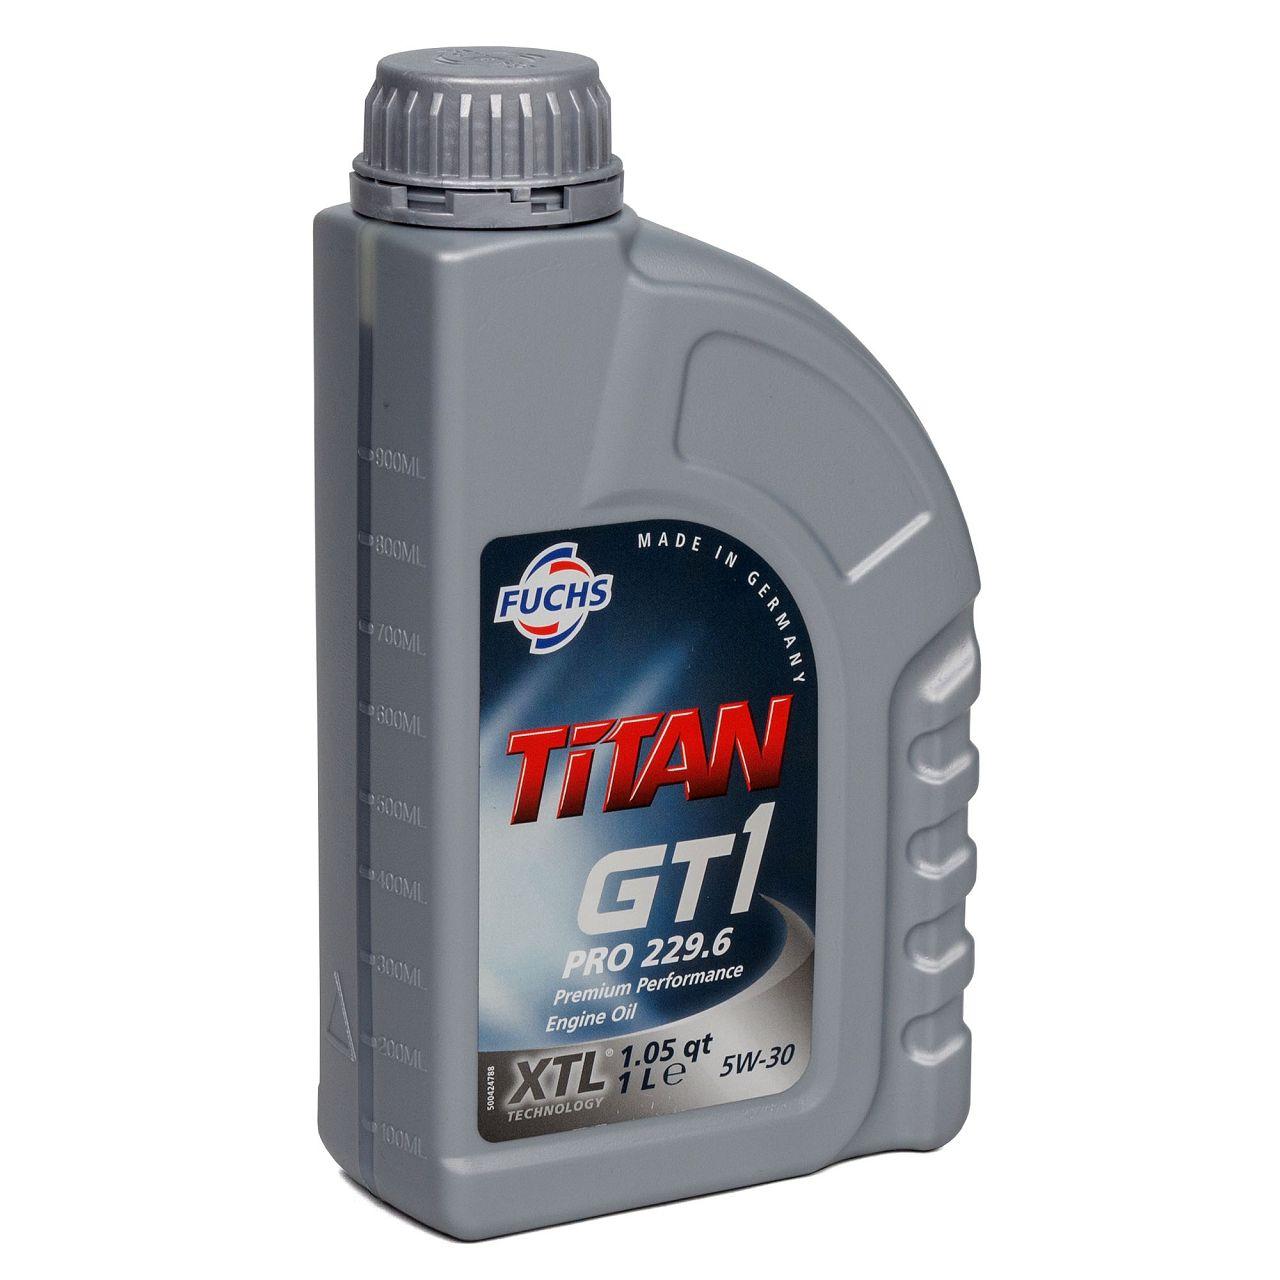 FUCHS Motoröl Öl TITAN GT1 PRO MB 229.6 A5/B5 5W30 5W-30 - 1L 1 Liter